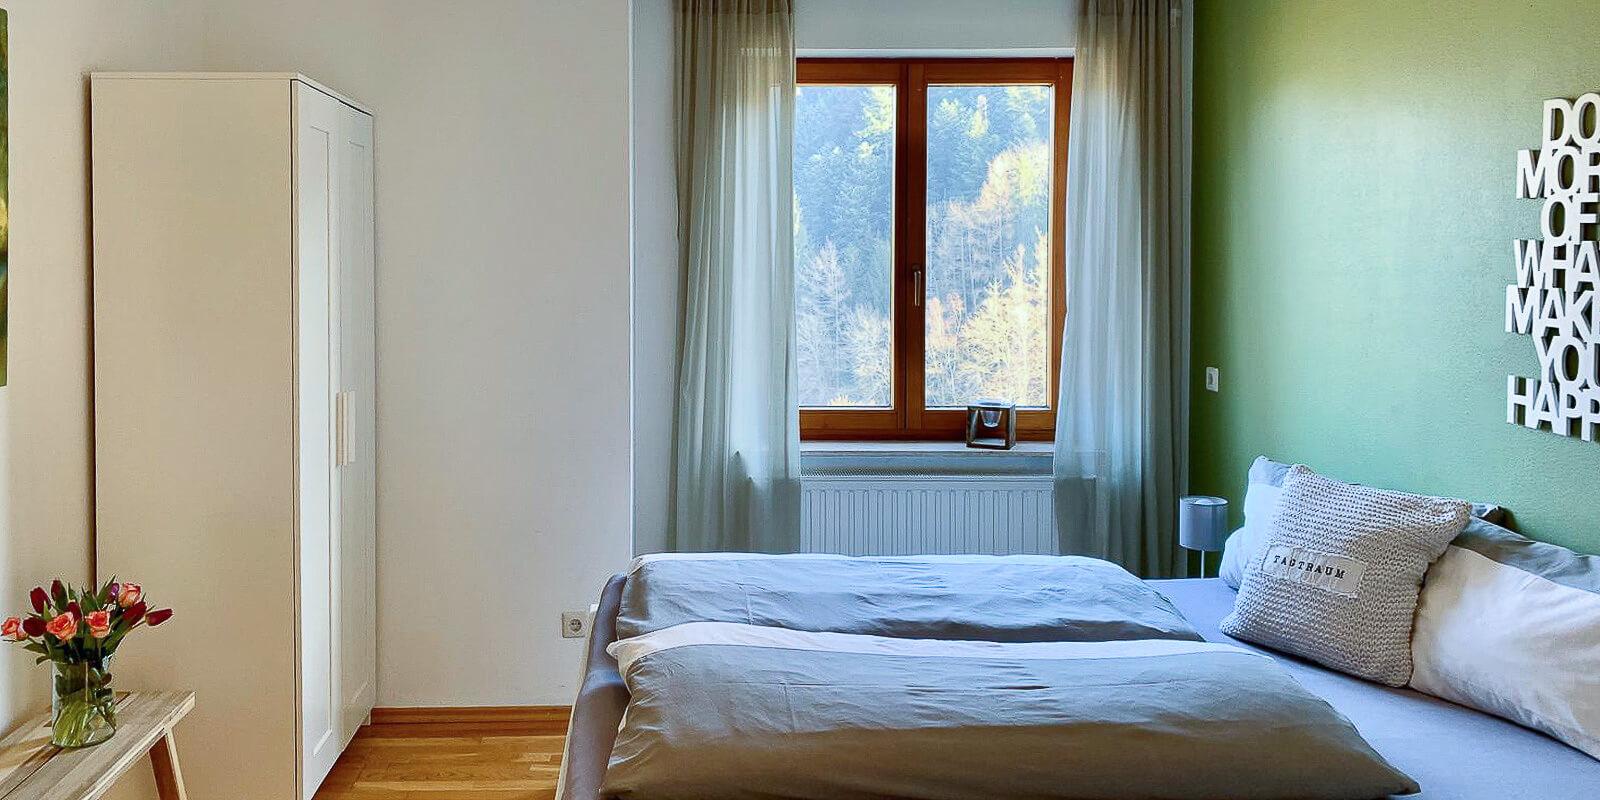 Luxus-Ferienwohnung Bergsee: Schlafzimmer mit Blick auf den Wald